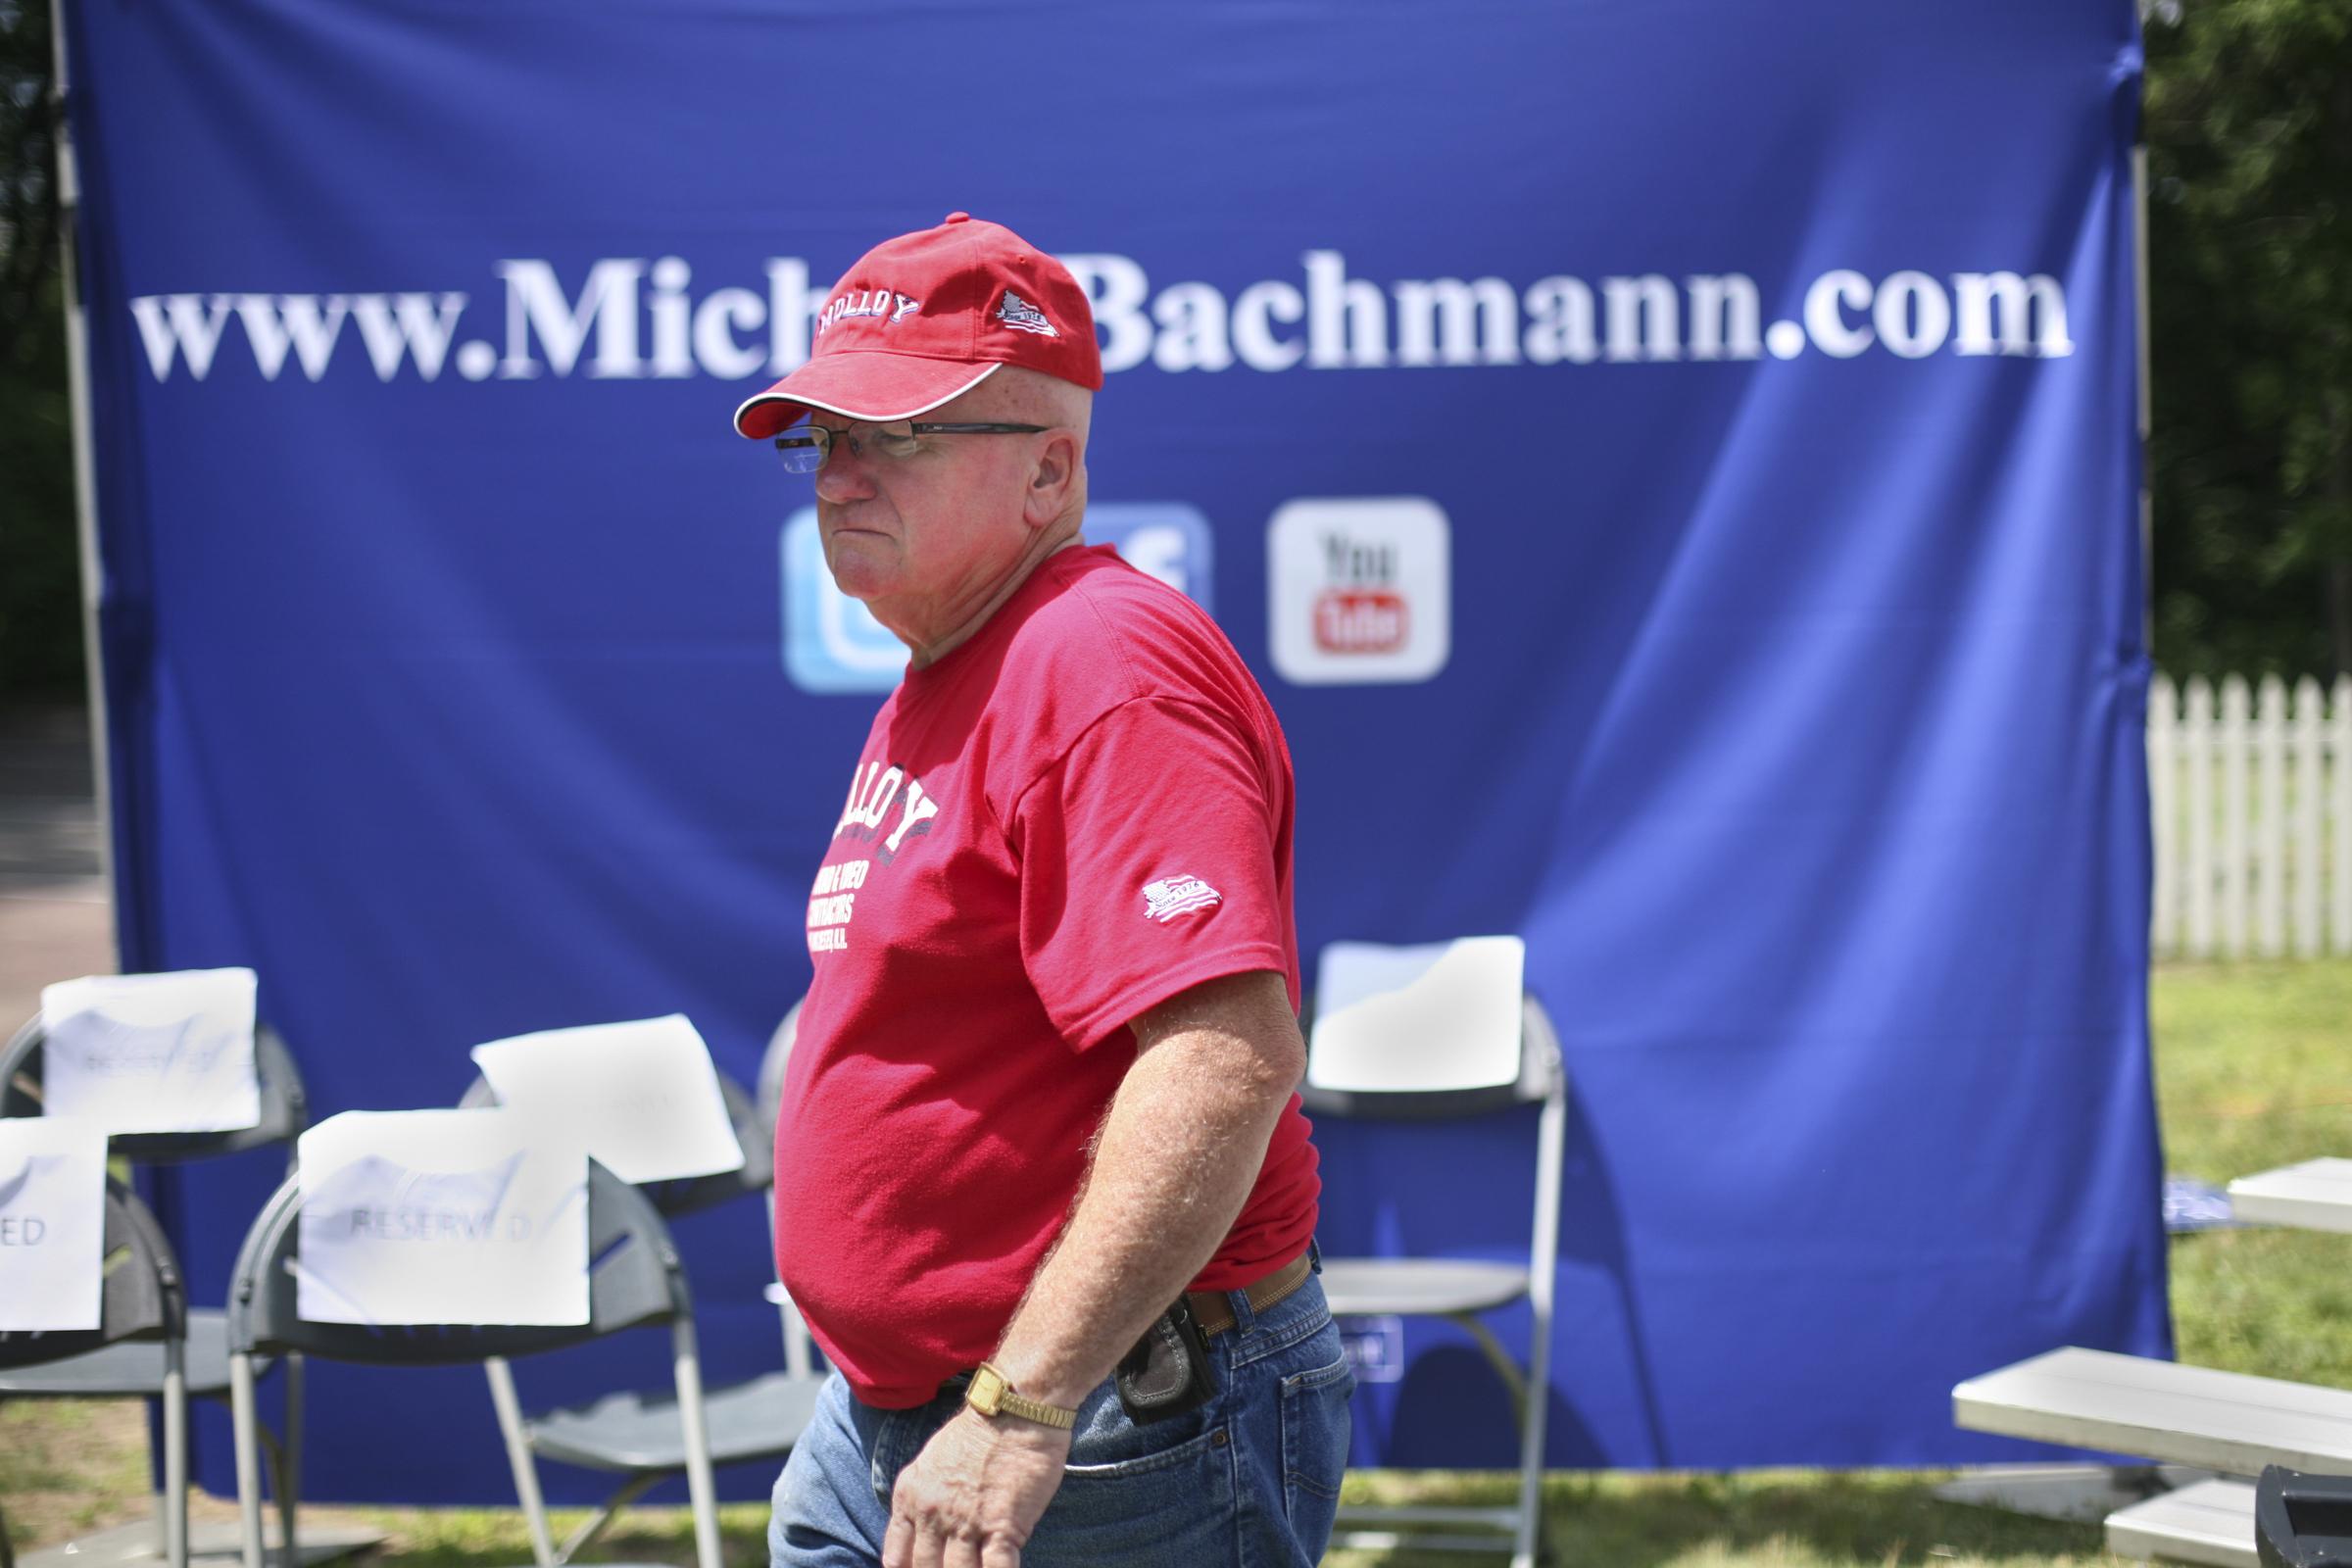 Bachmann 06-28-2011 008 NoUSM.jpg